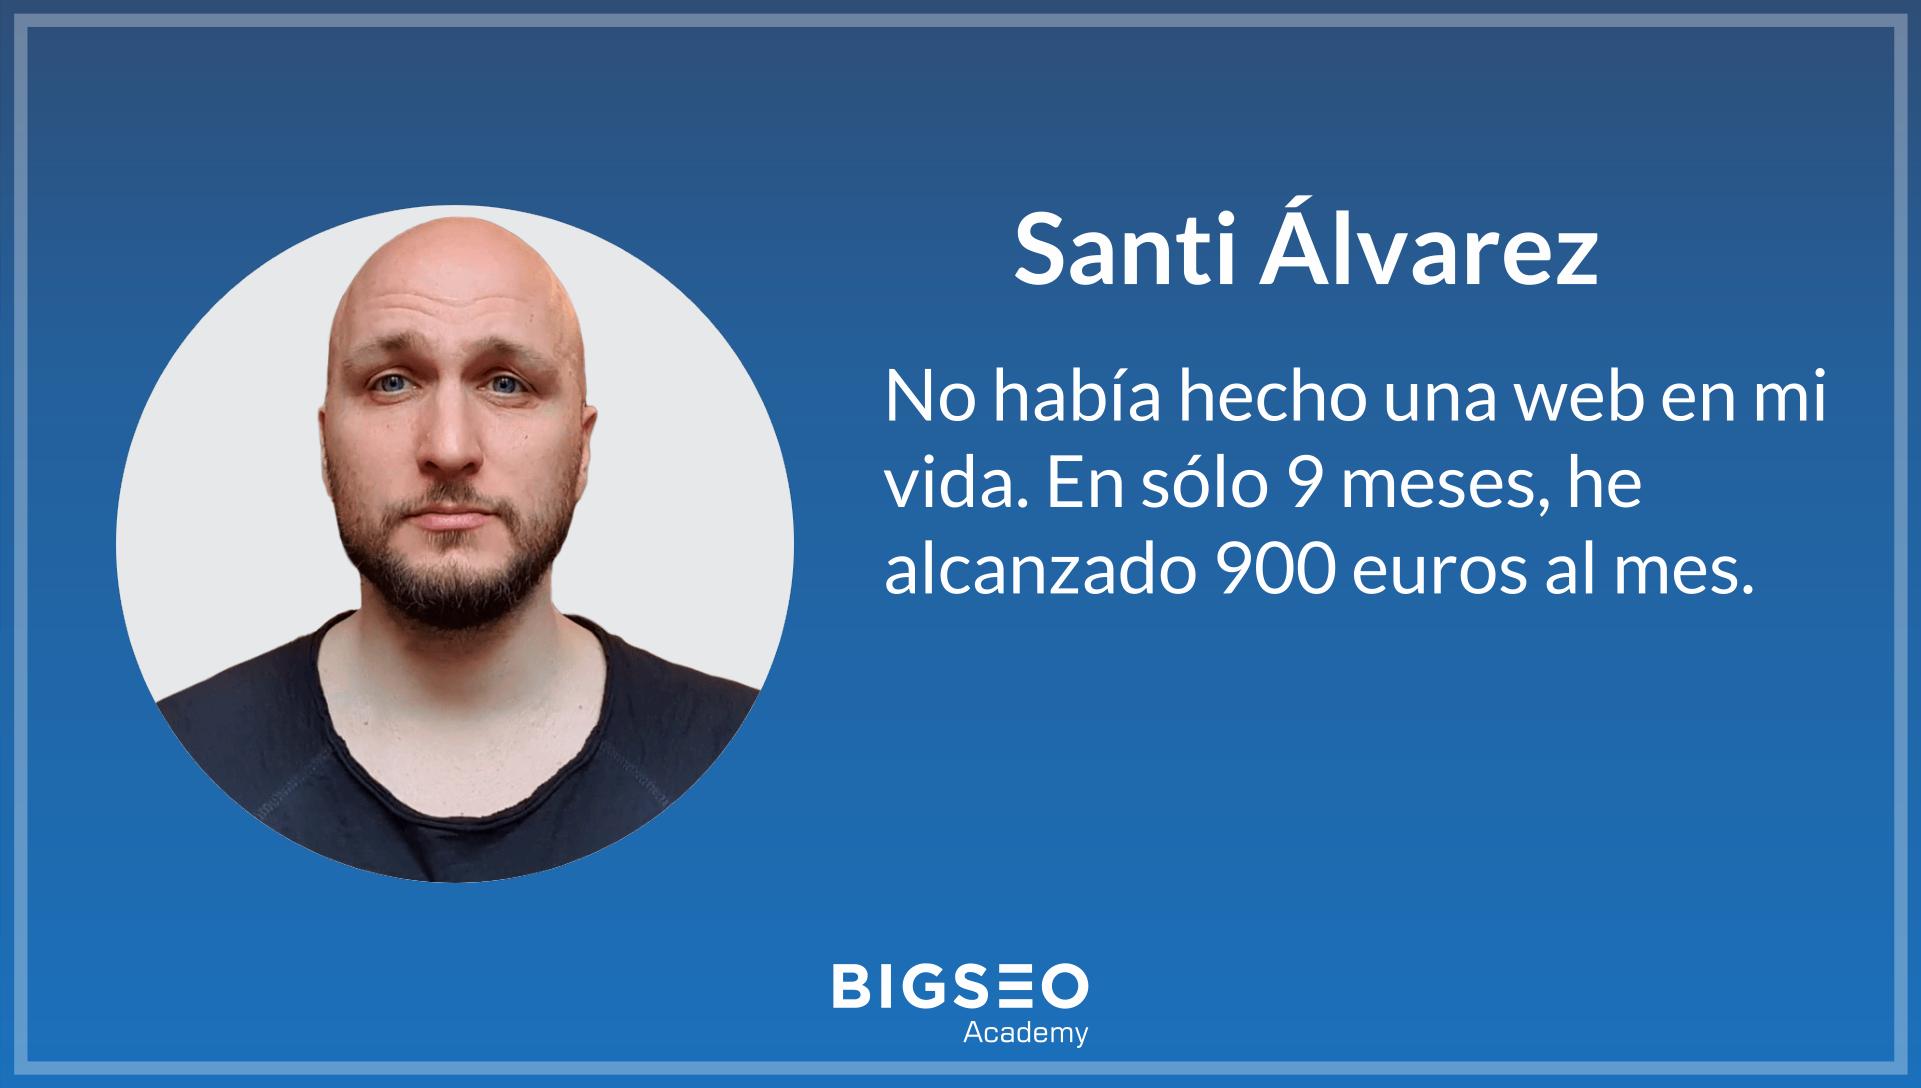 Santi Álavarez